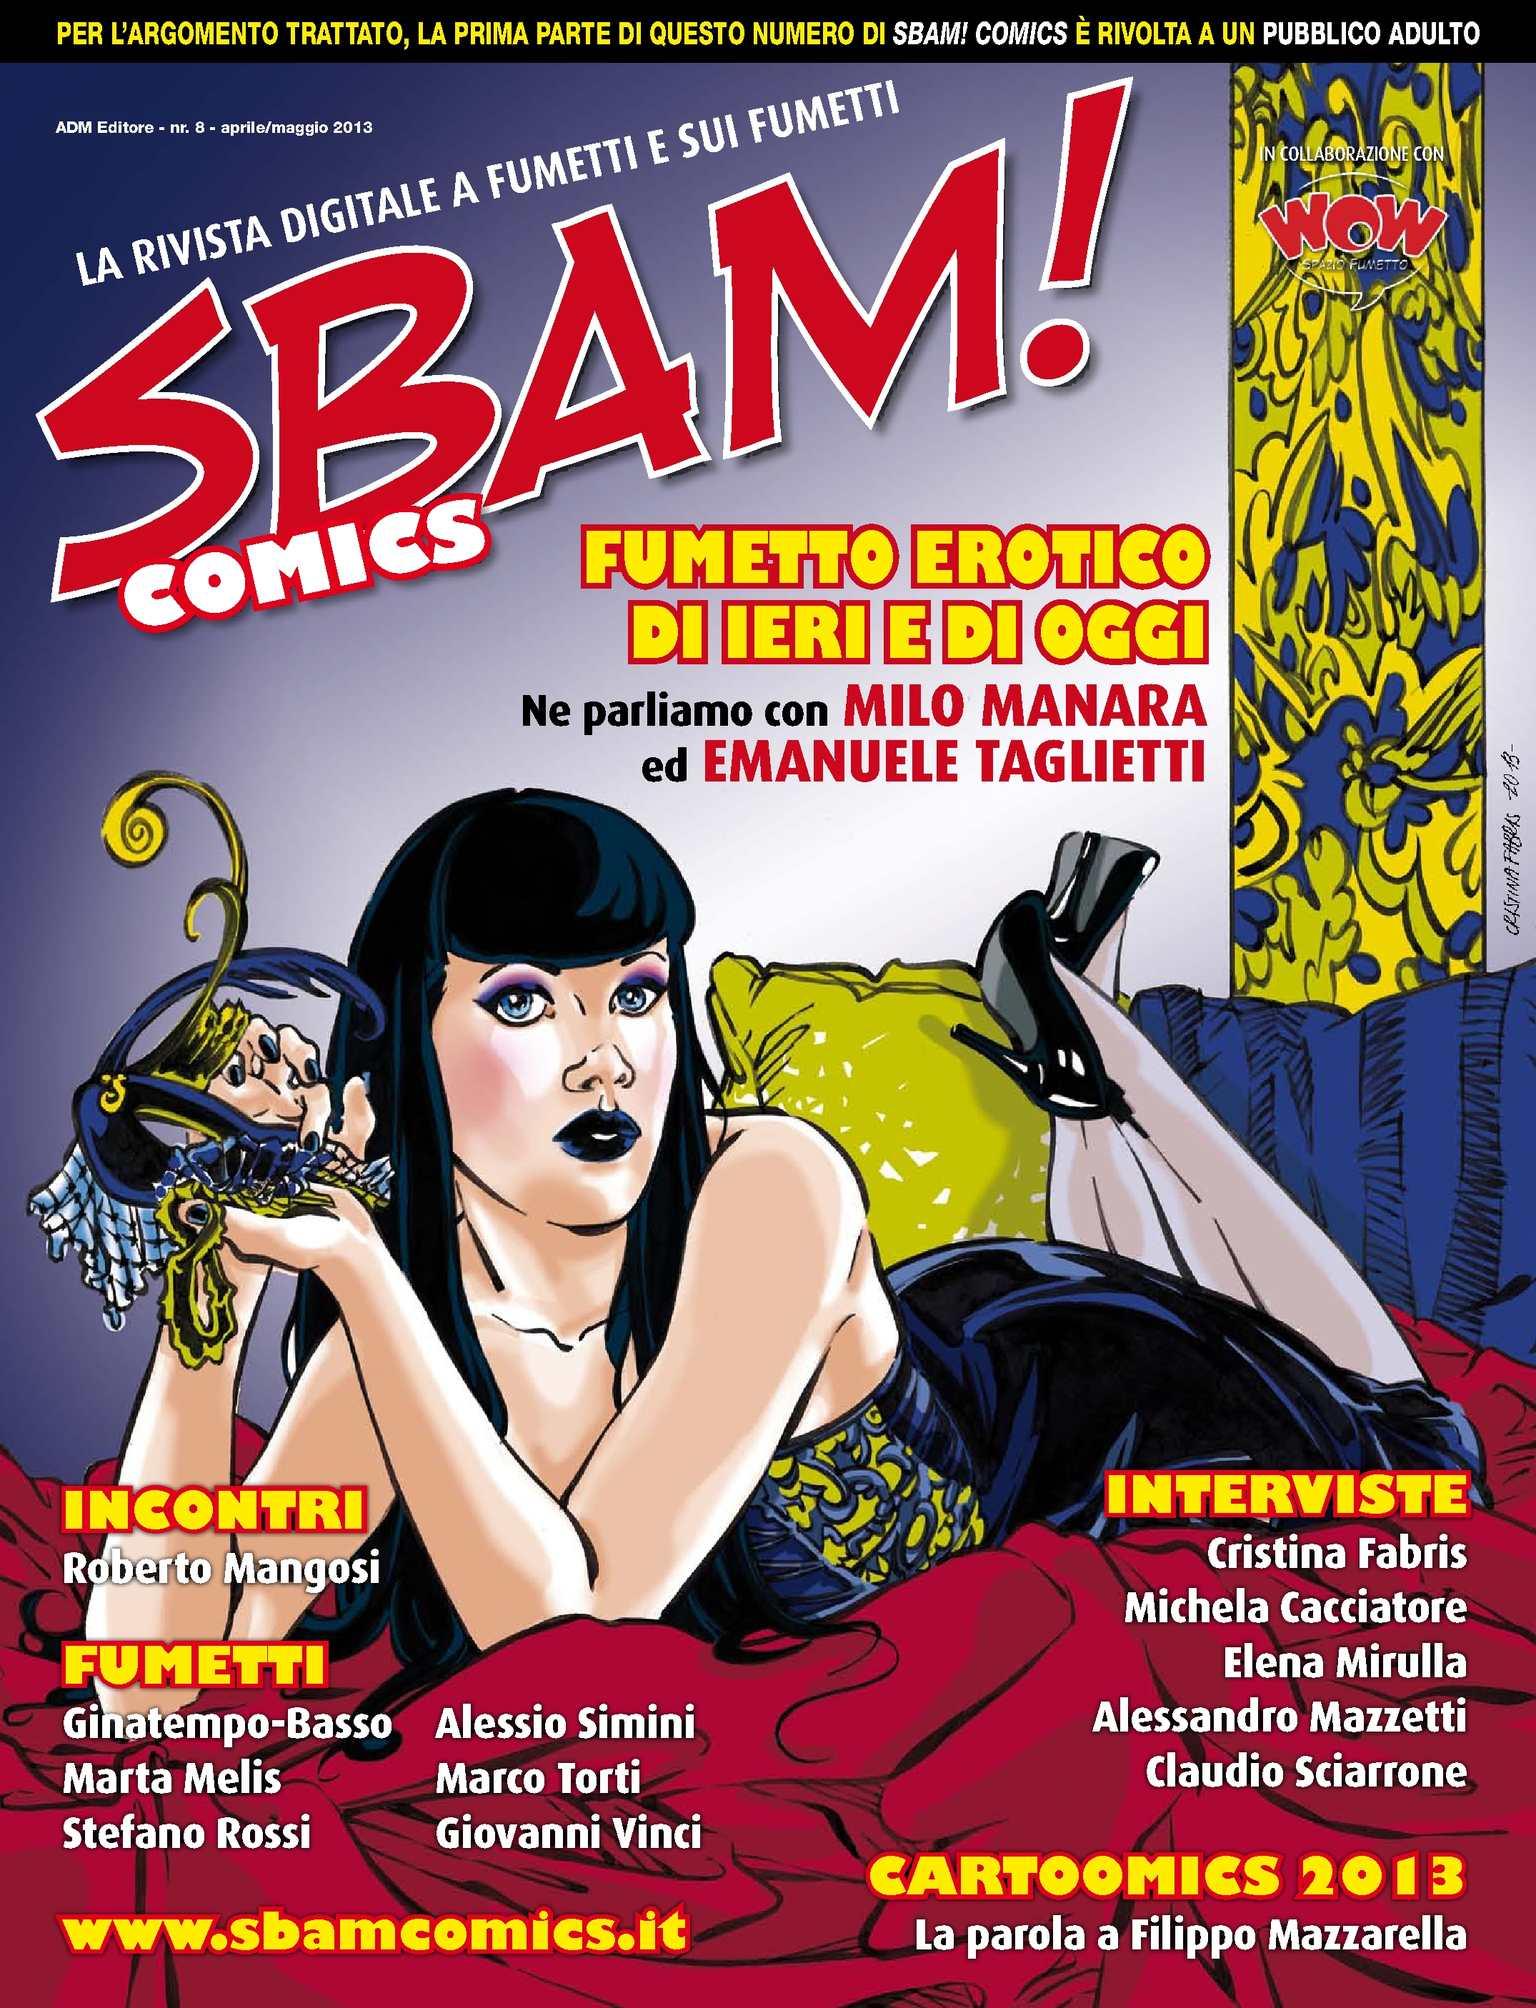 cartone animato Mostra fumetti porno